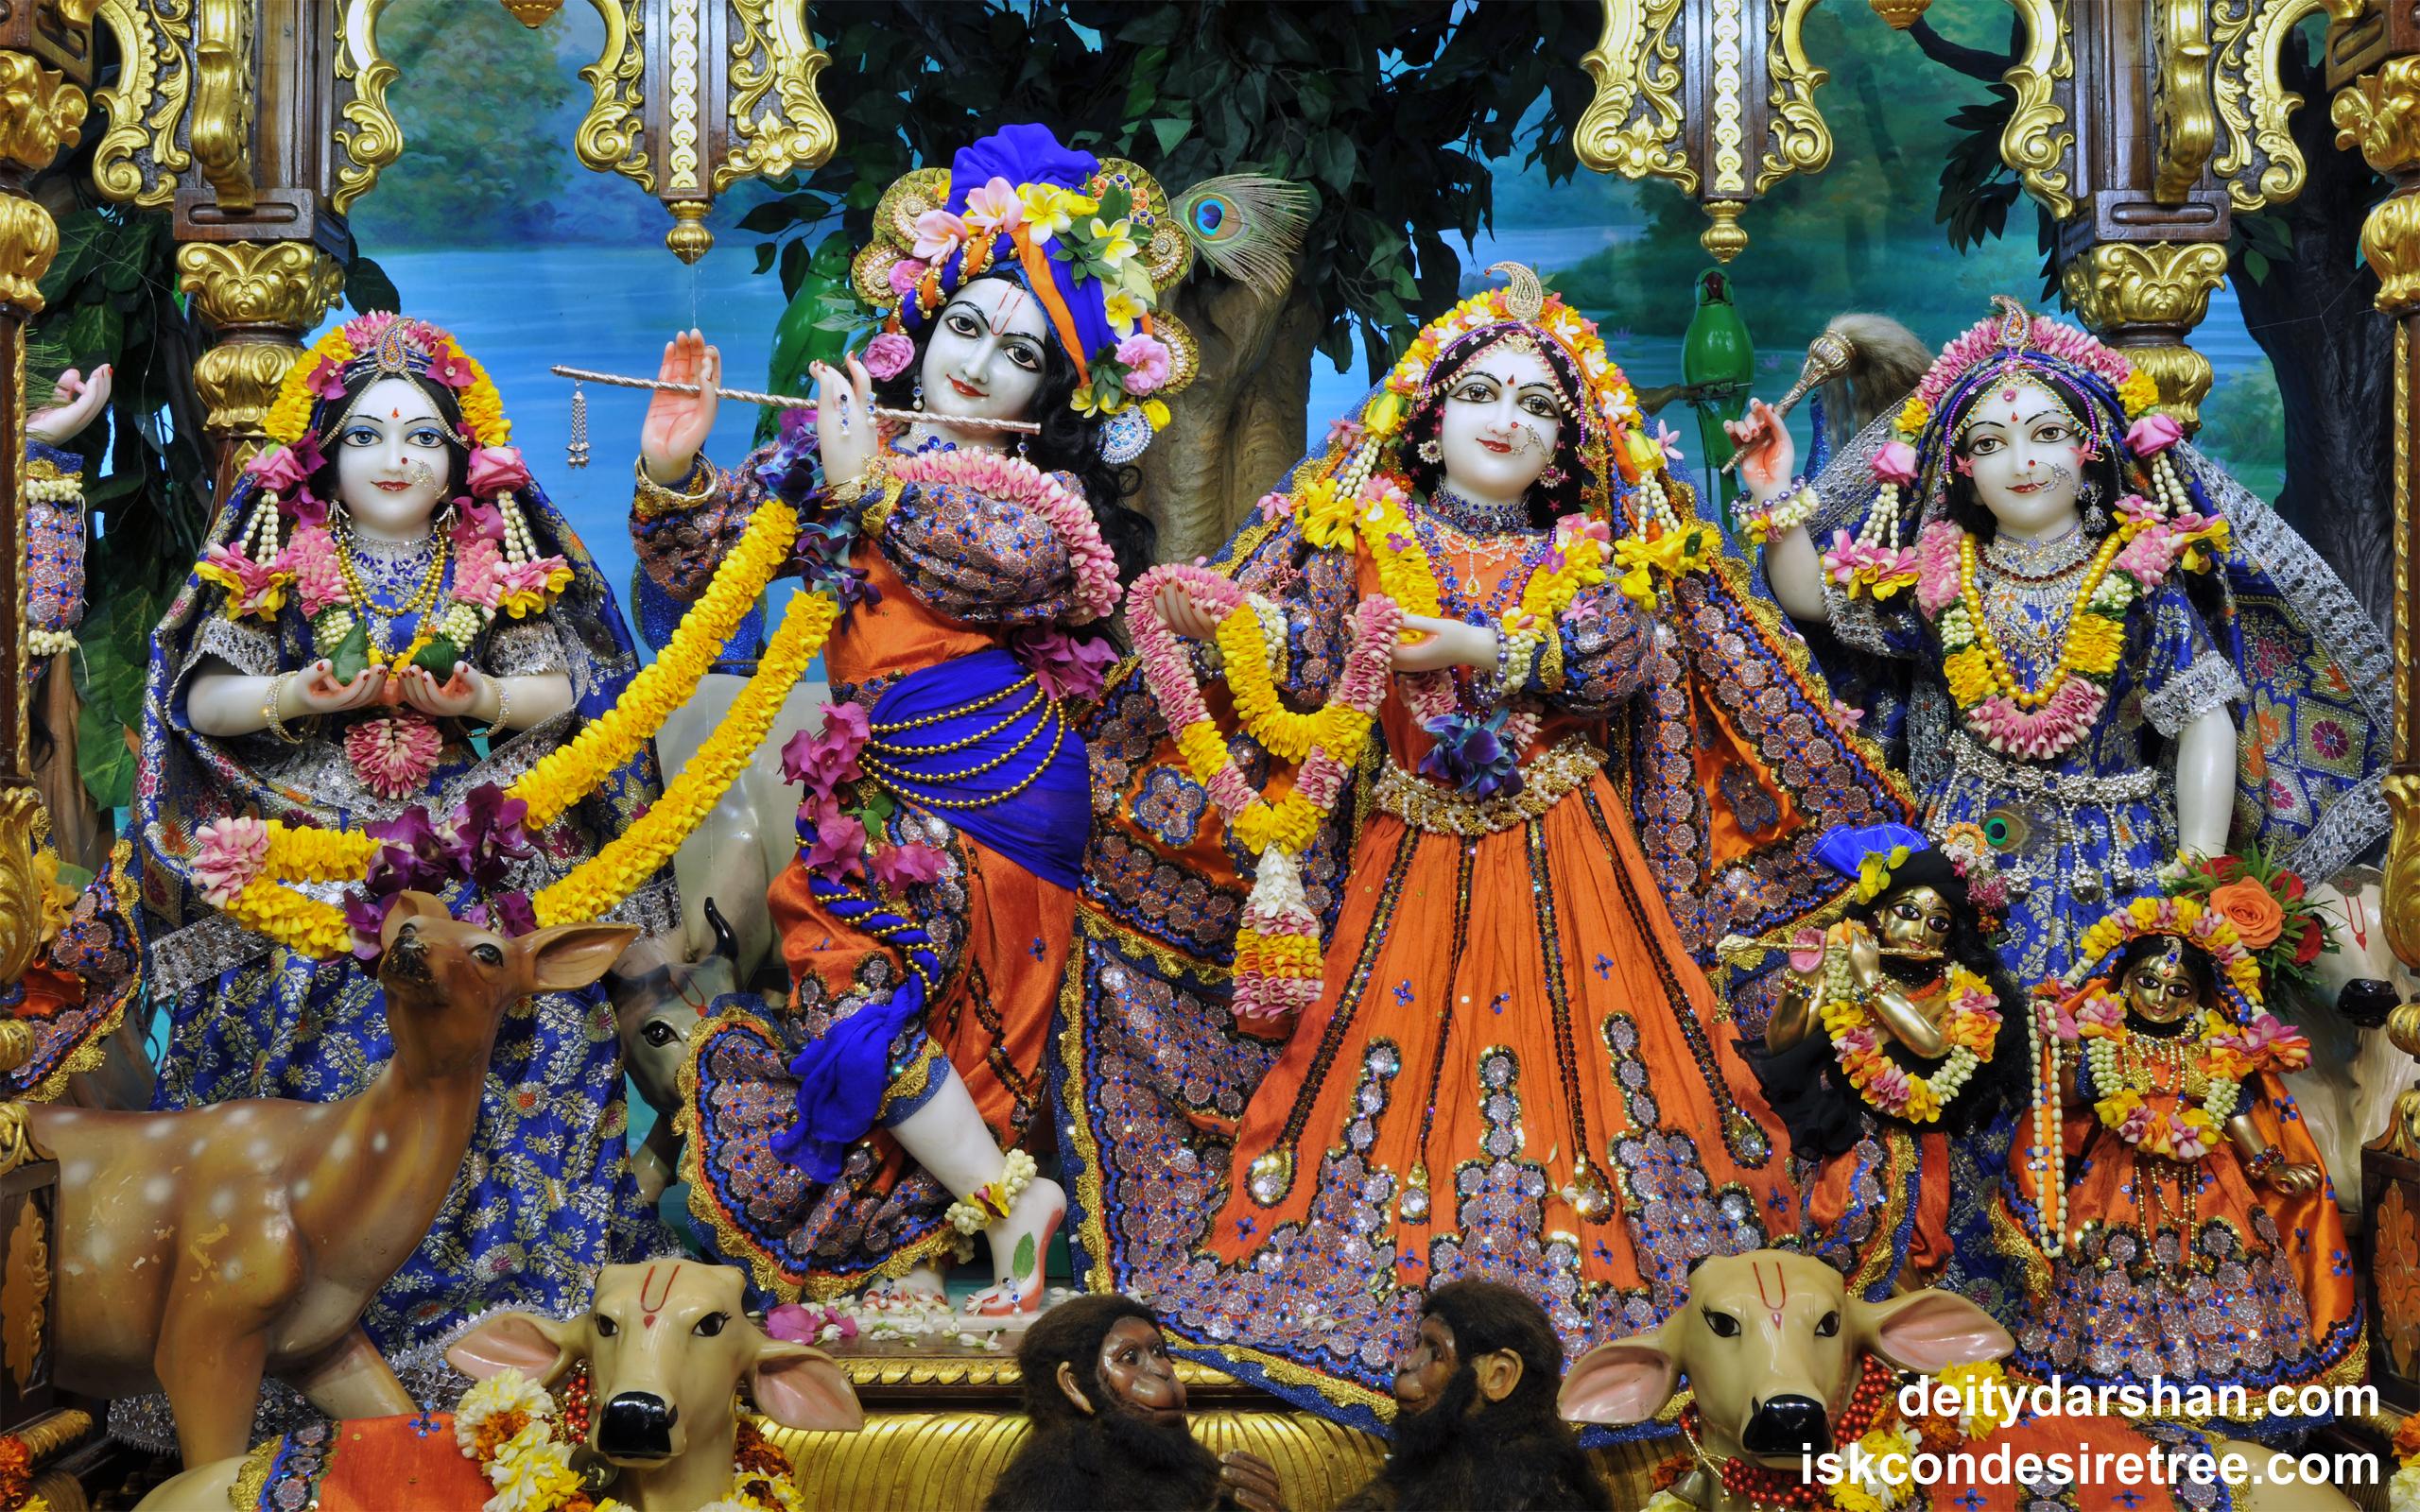 Sri Sri Radha Gopinath Lalita Vishakha Wallpaper (051) Size 2560x1600 Download